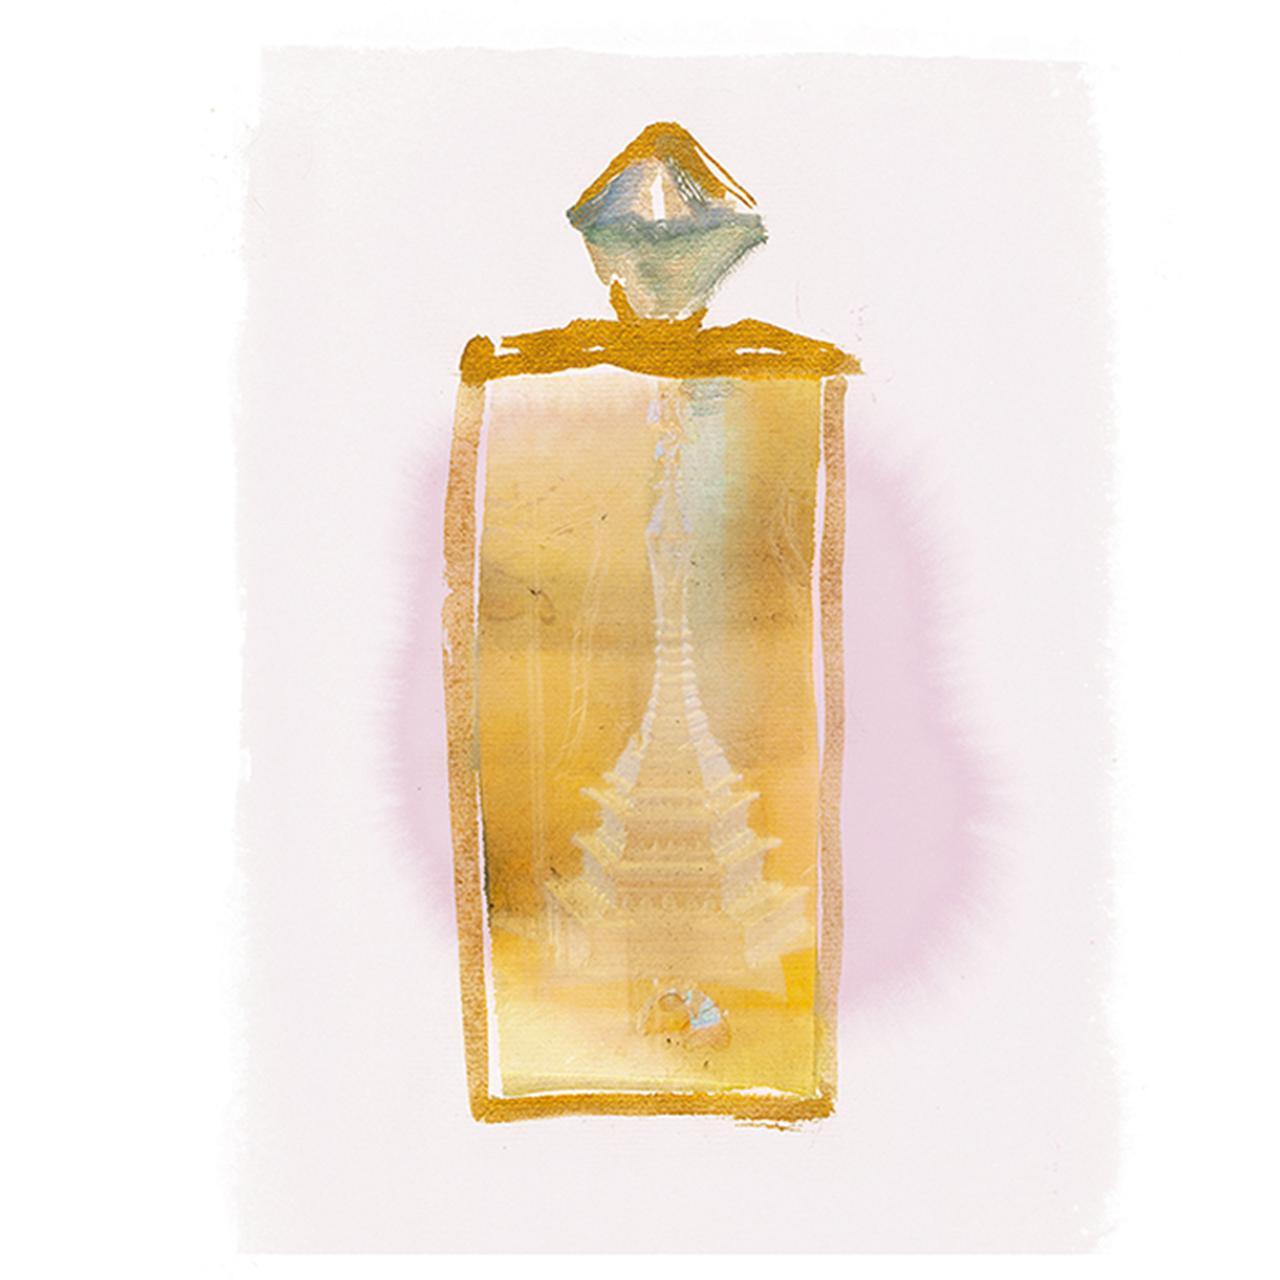 画像: ゴールド、クリスタル、マザーオブパールでできた彫刻。制作年代は不明